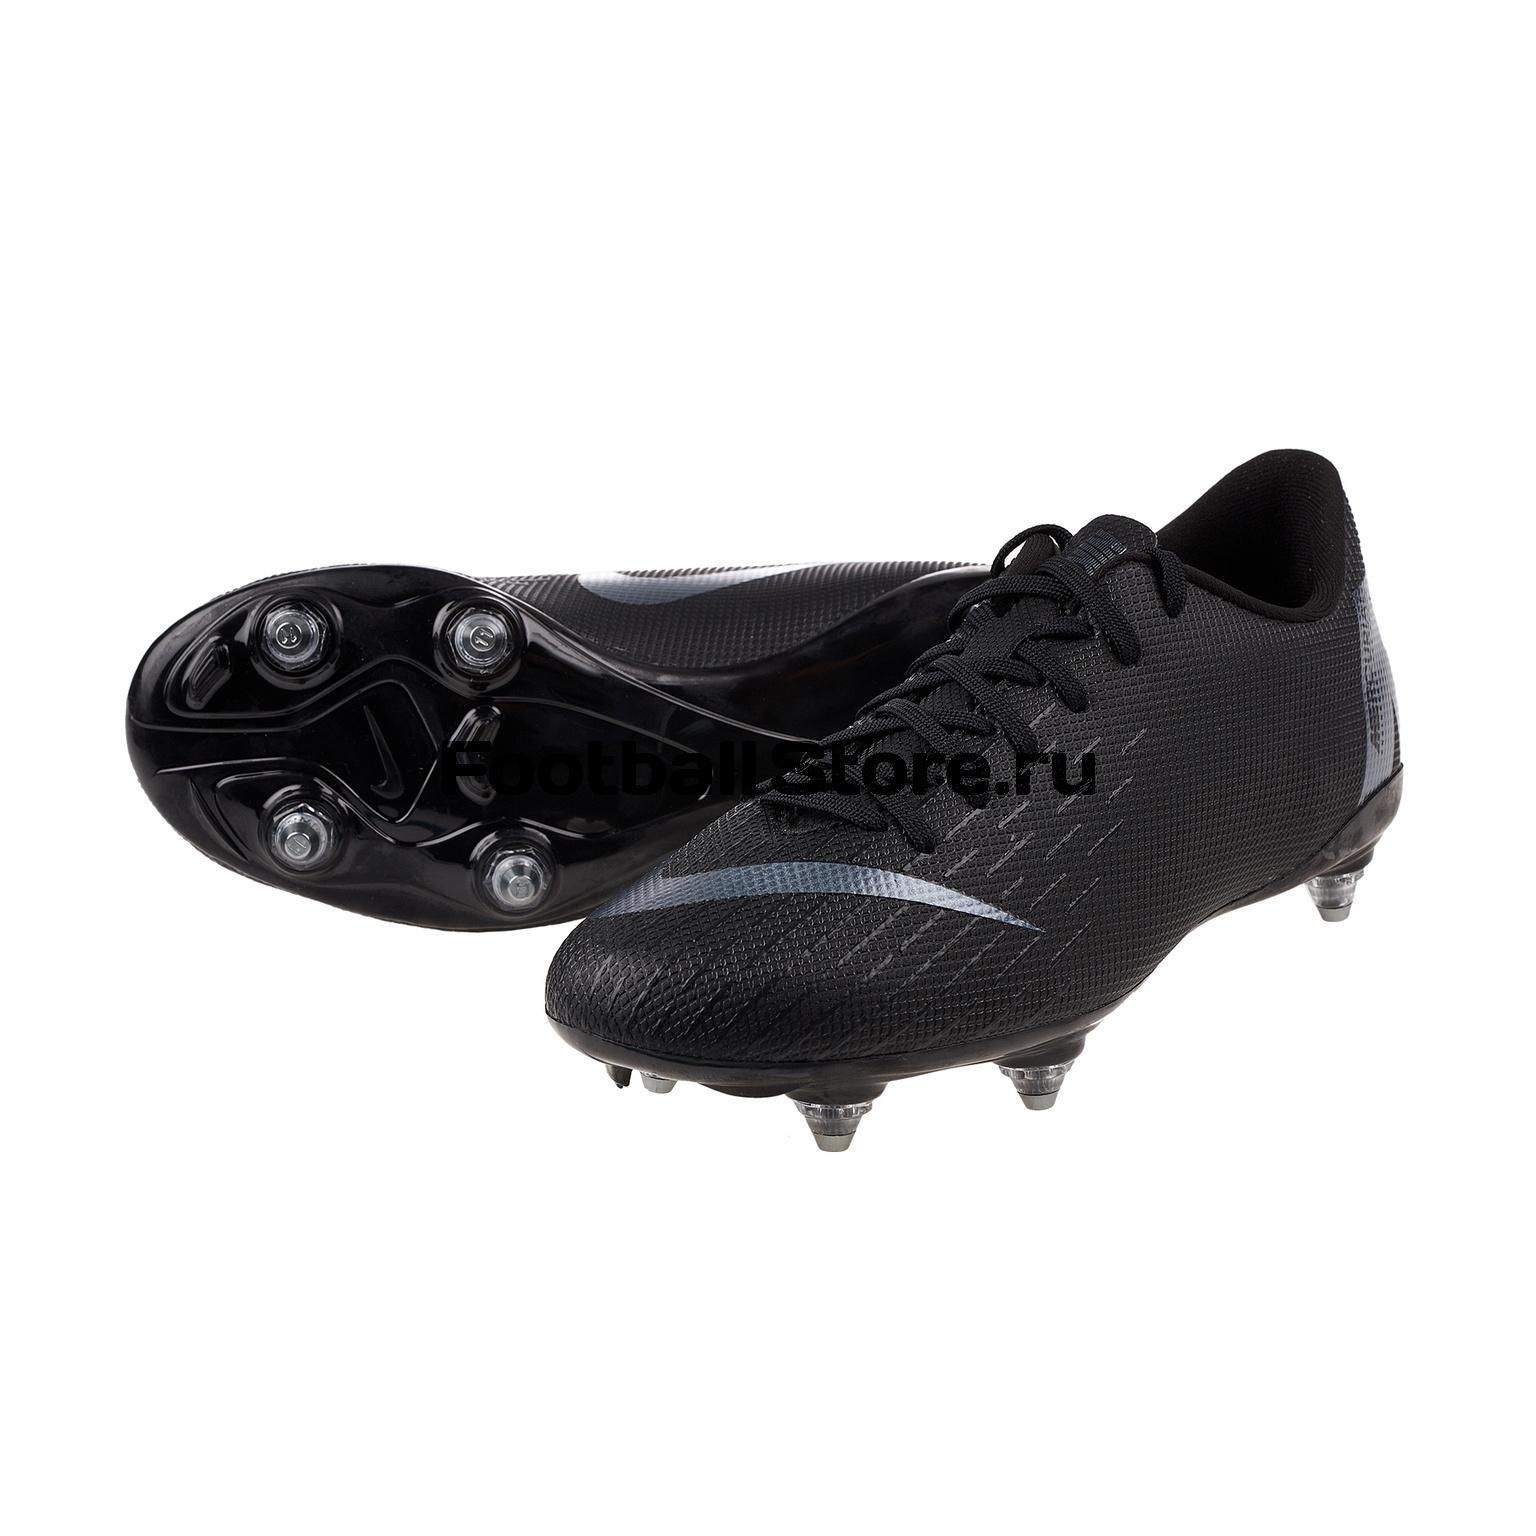 Бутсы детские Nike Vapor 12 Academy GS SG AH7348-001 бутсы детские nike phantom vision academy df sg aq9298 400